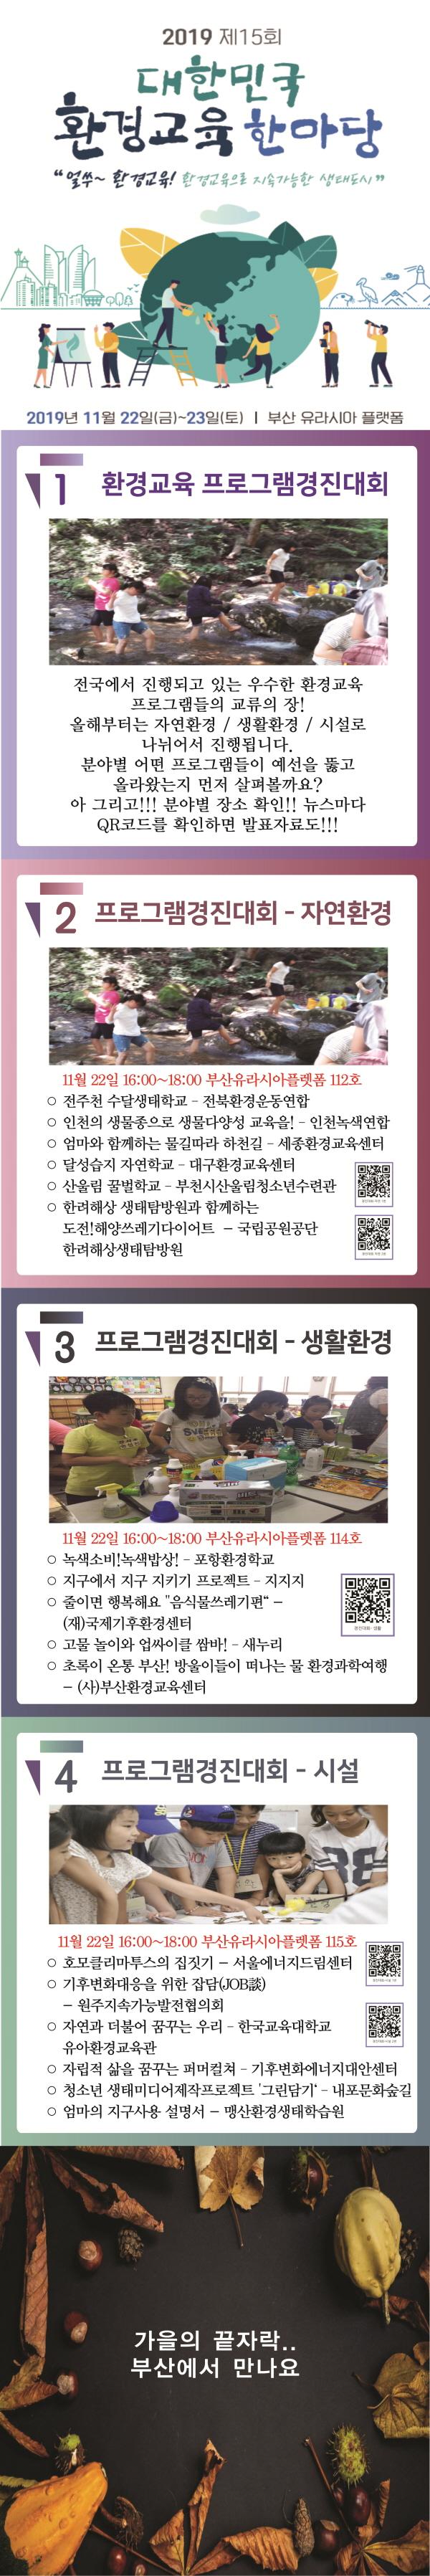 크기변환_교육센터-프로그램경진대회-카드뉴스.jpg